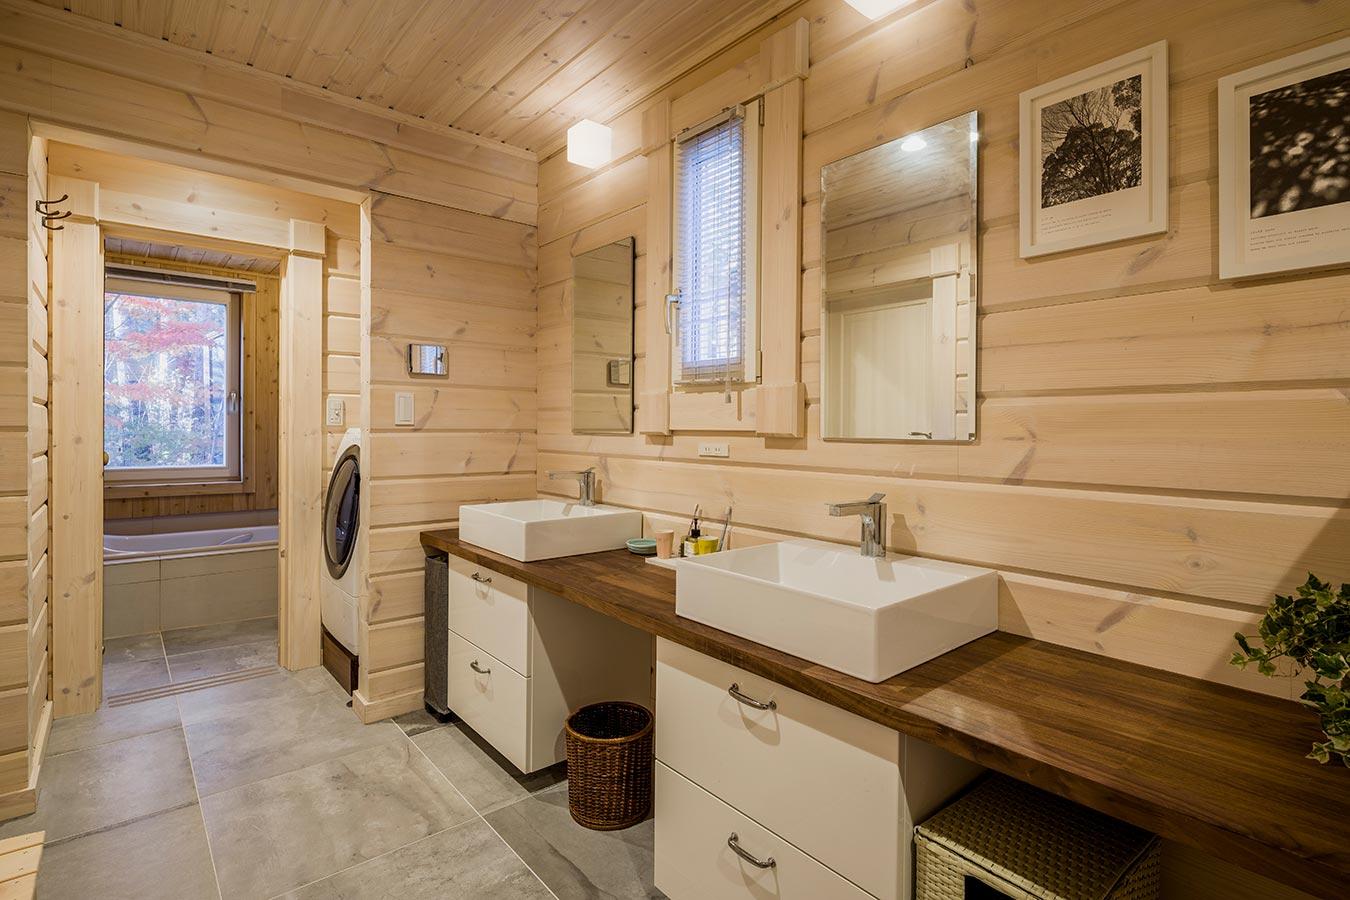 明るい洗面脱衣所には、洗面ボウルが2つあり、収納も抜群です。